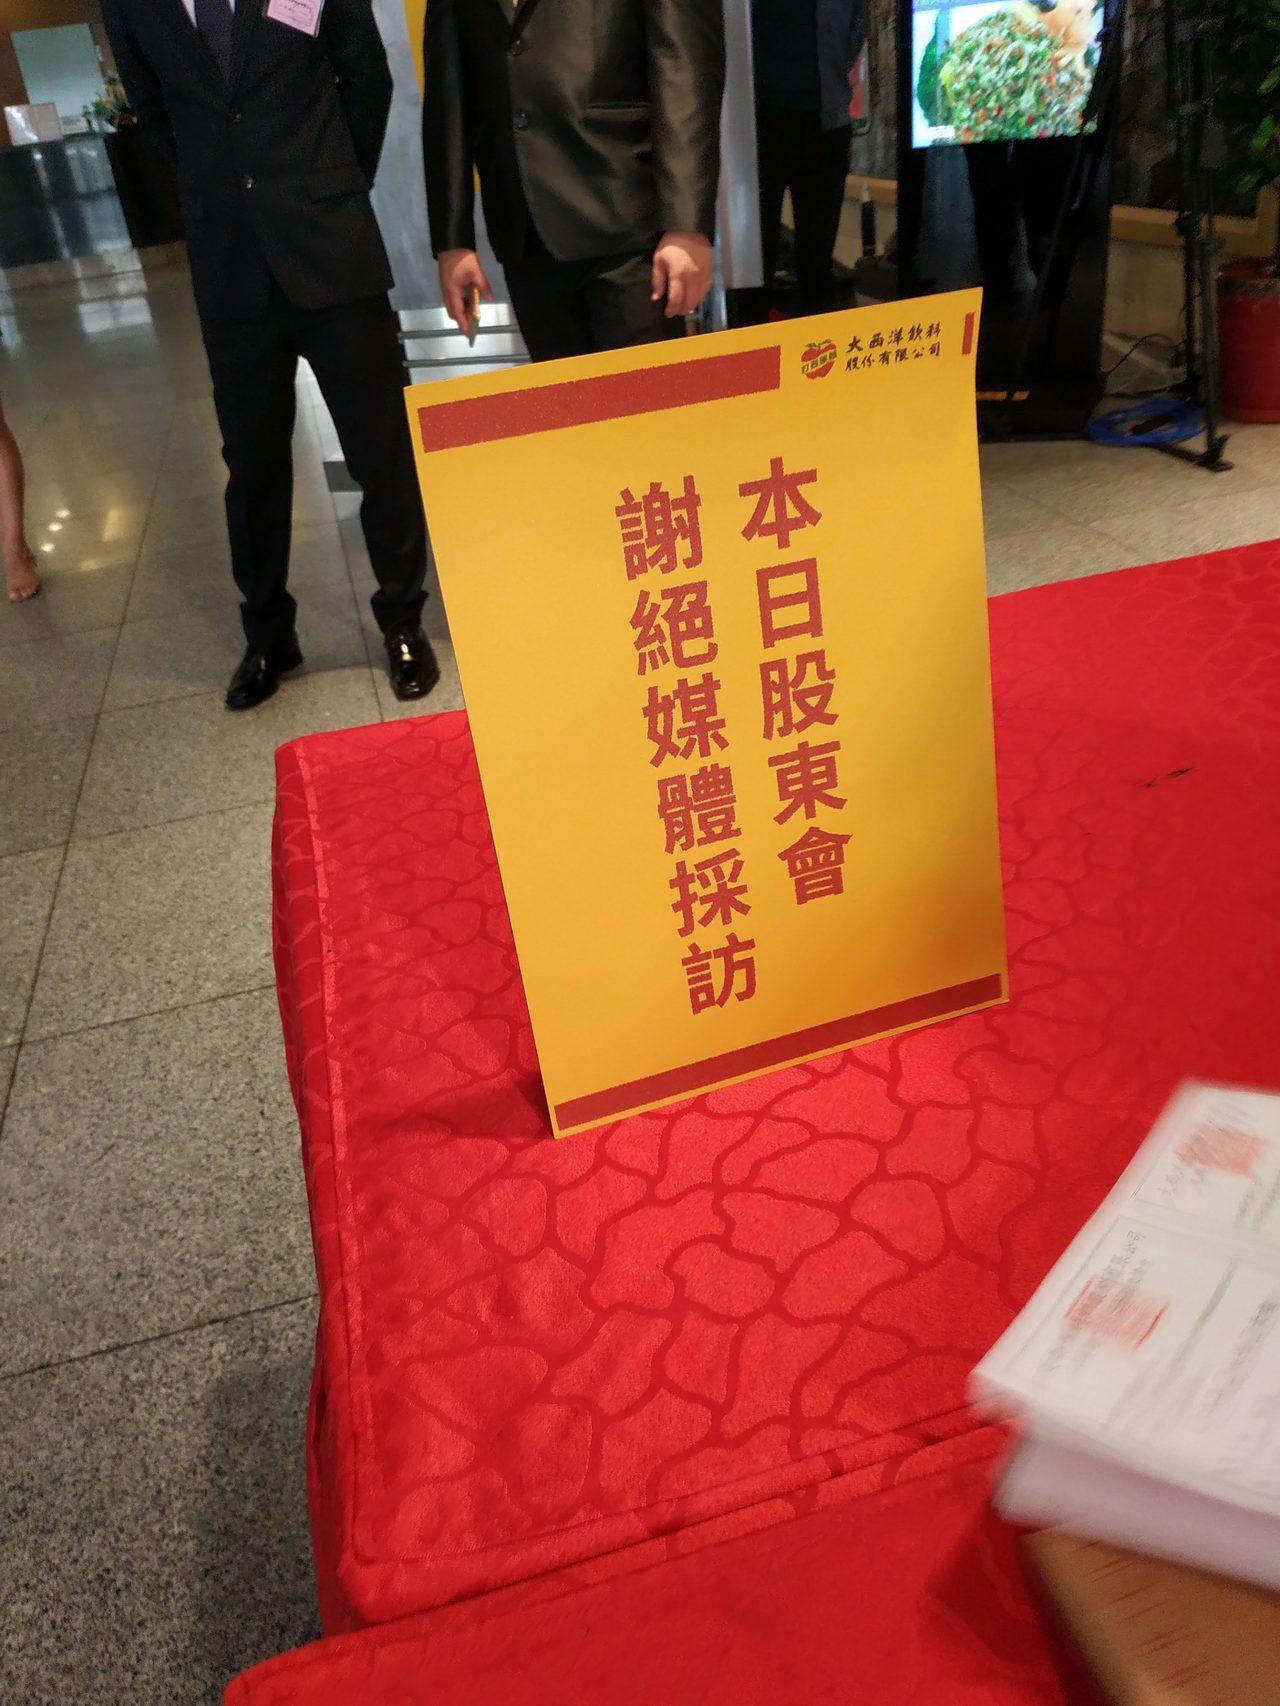 大飲今(3)日召開股東會,謝絕媒體採訪。記者何秀玲/攝影